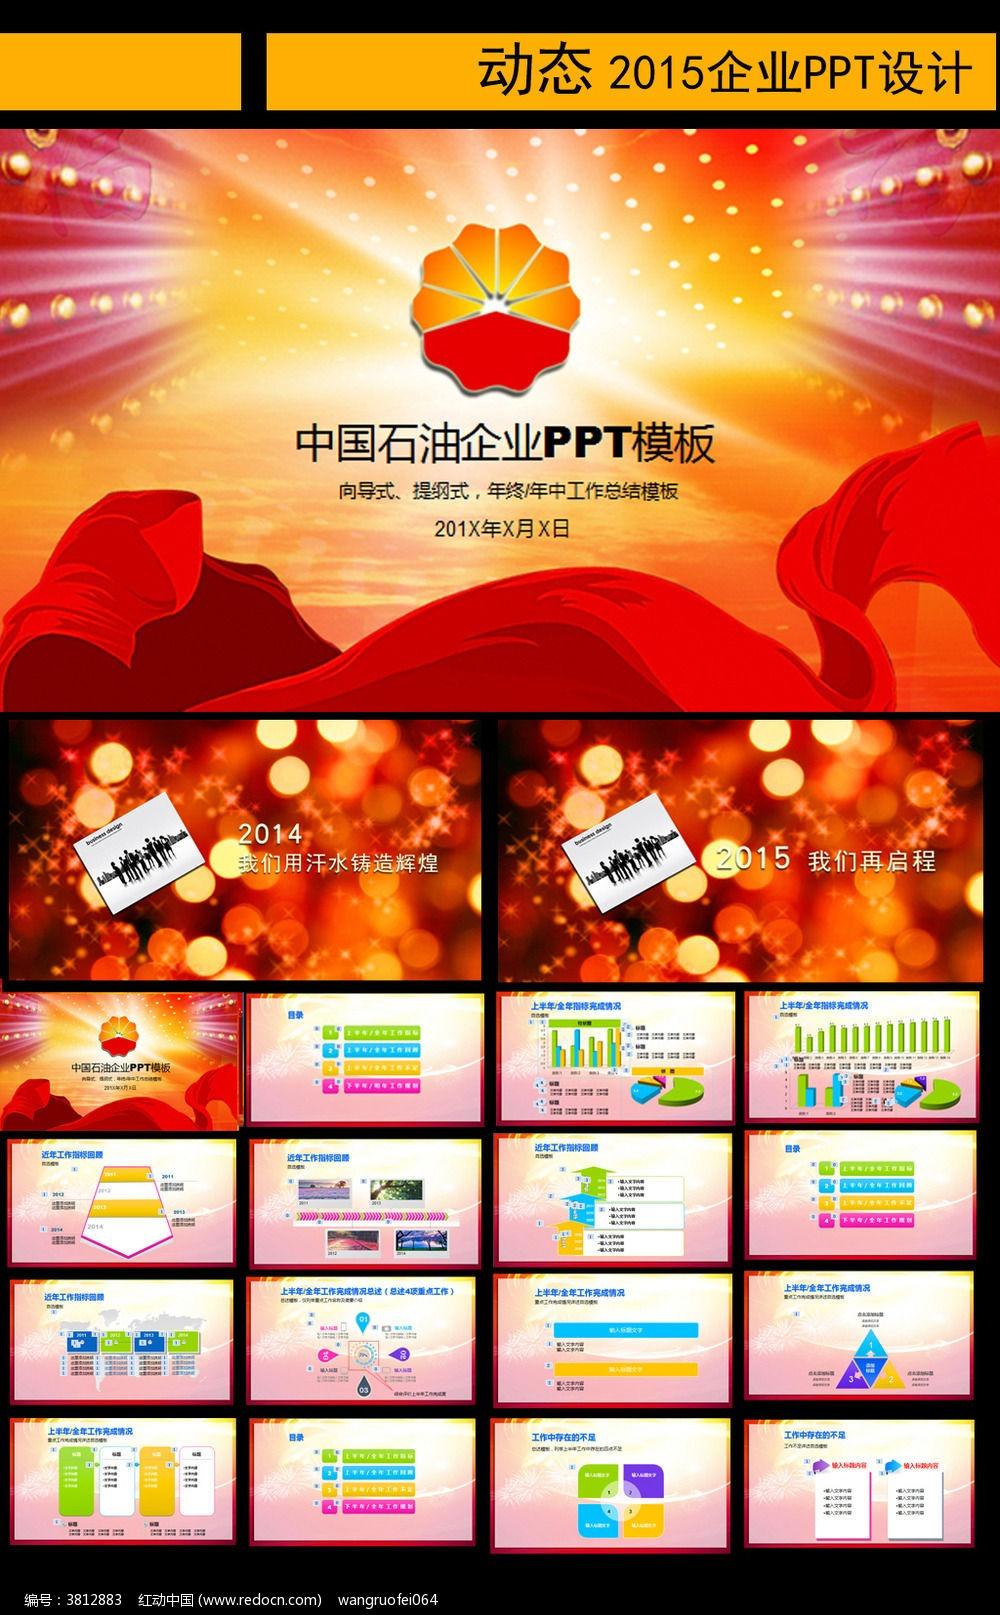 模板/ppt背景图片 商务贸易ppt